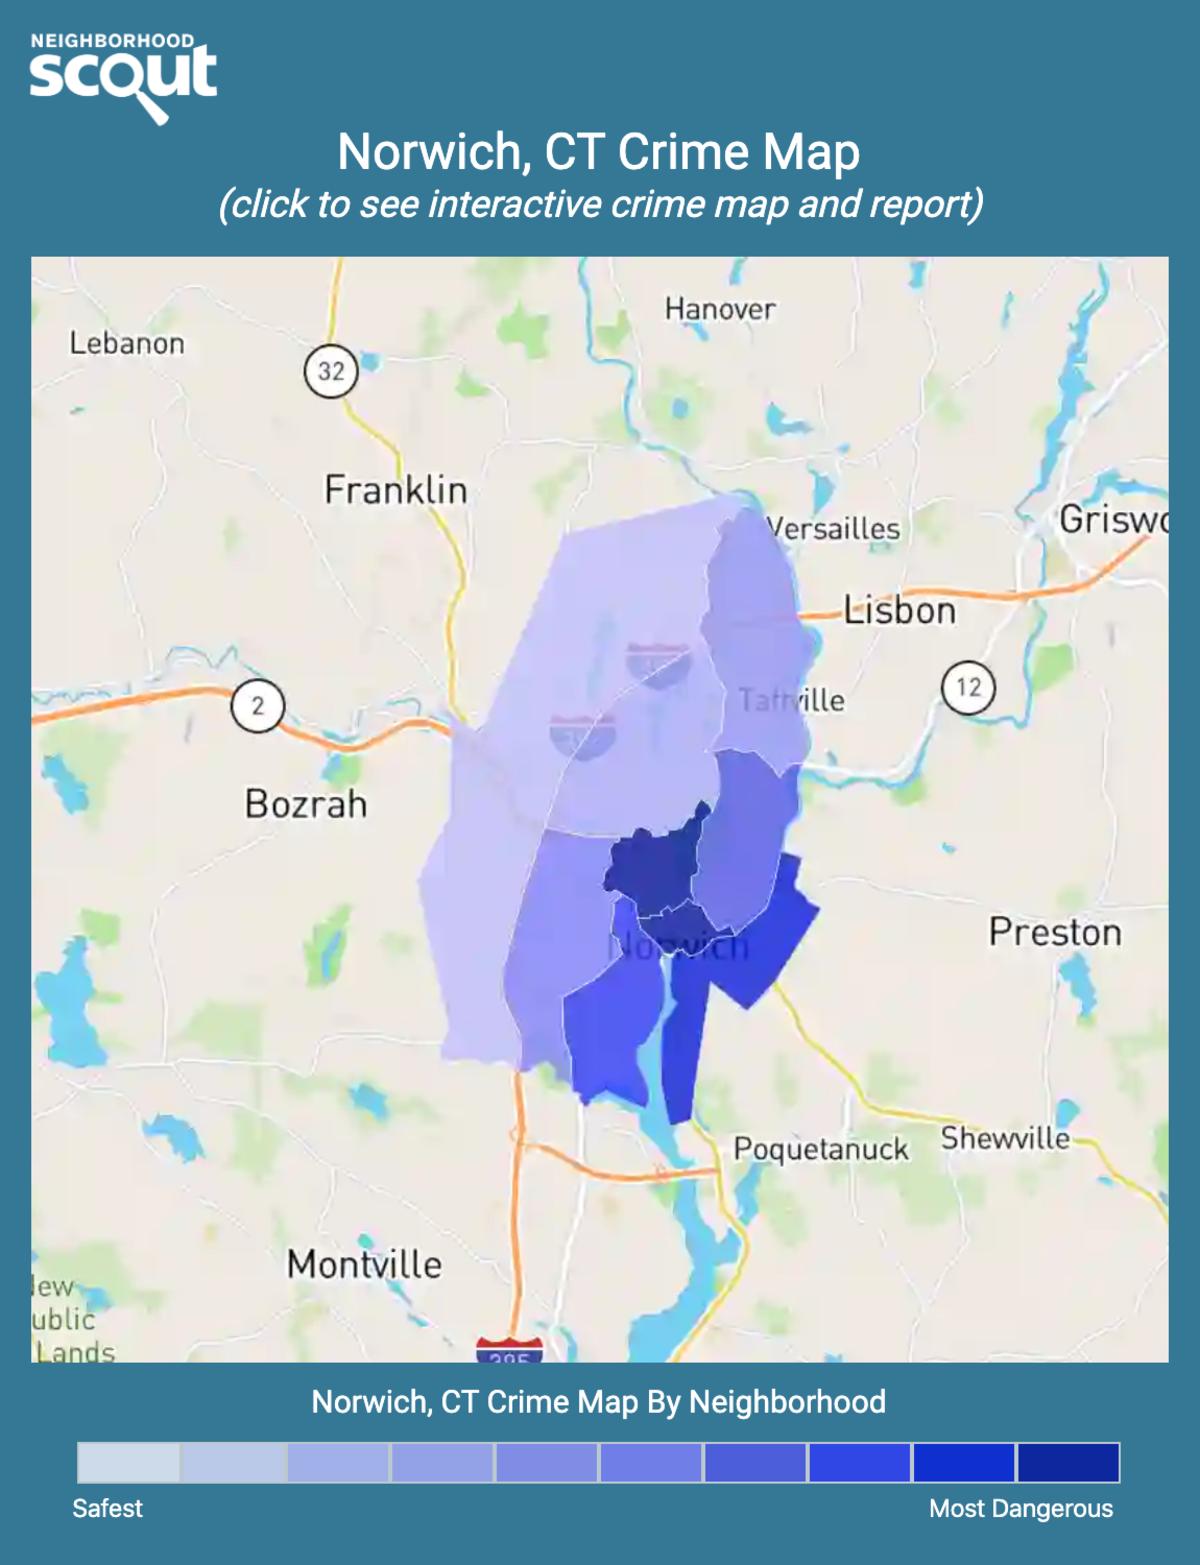 Norwich, Connecticut crime map